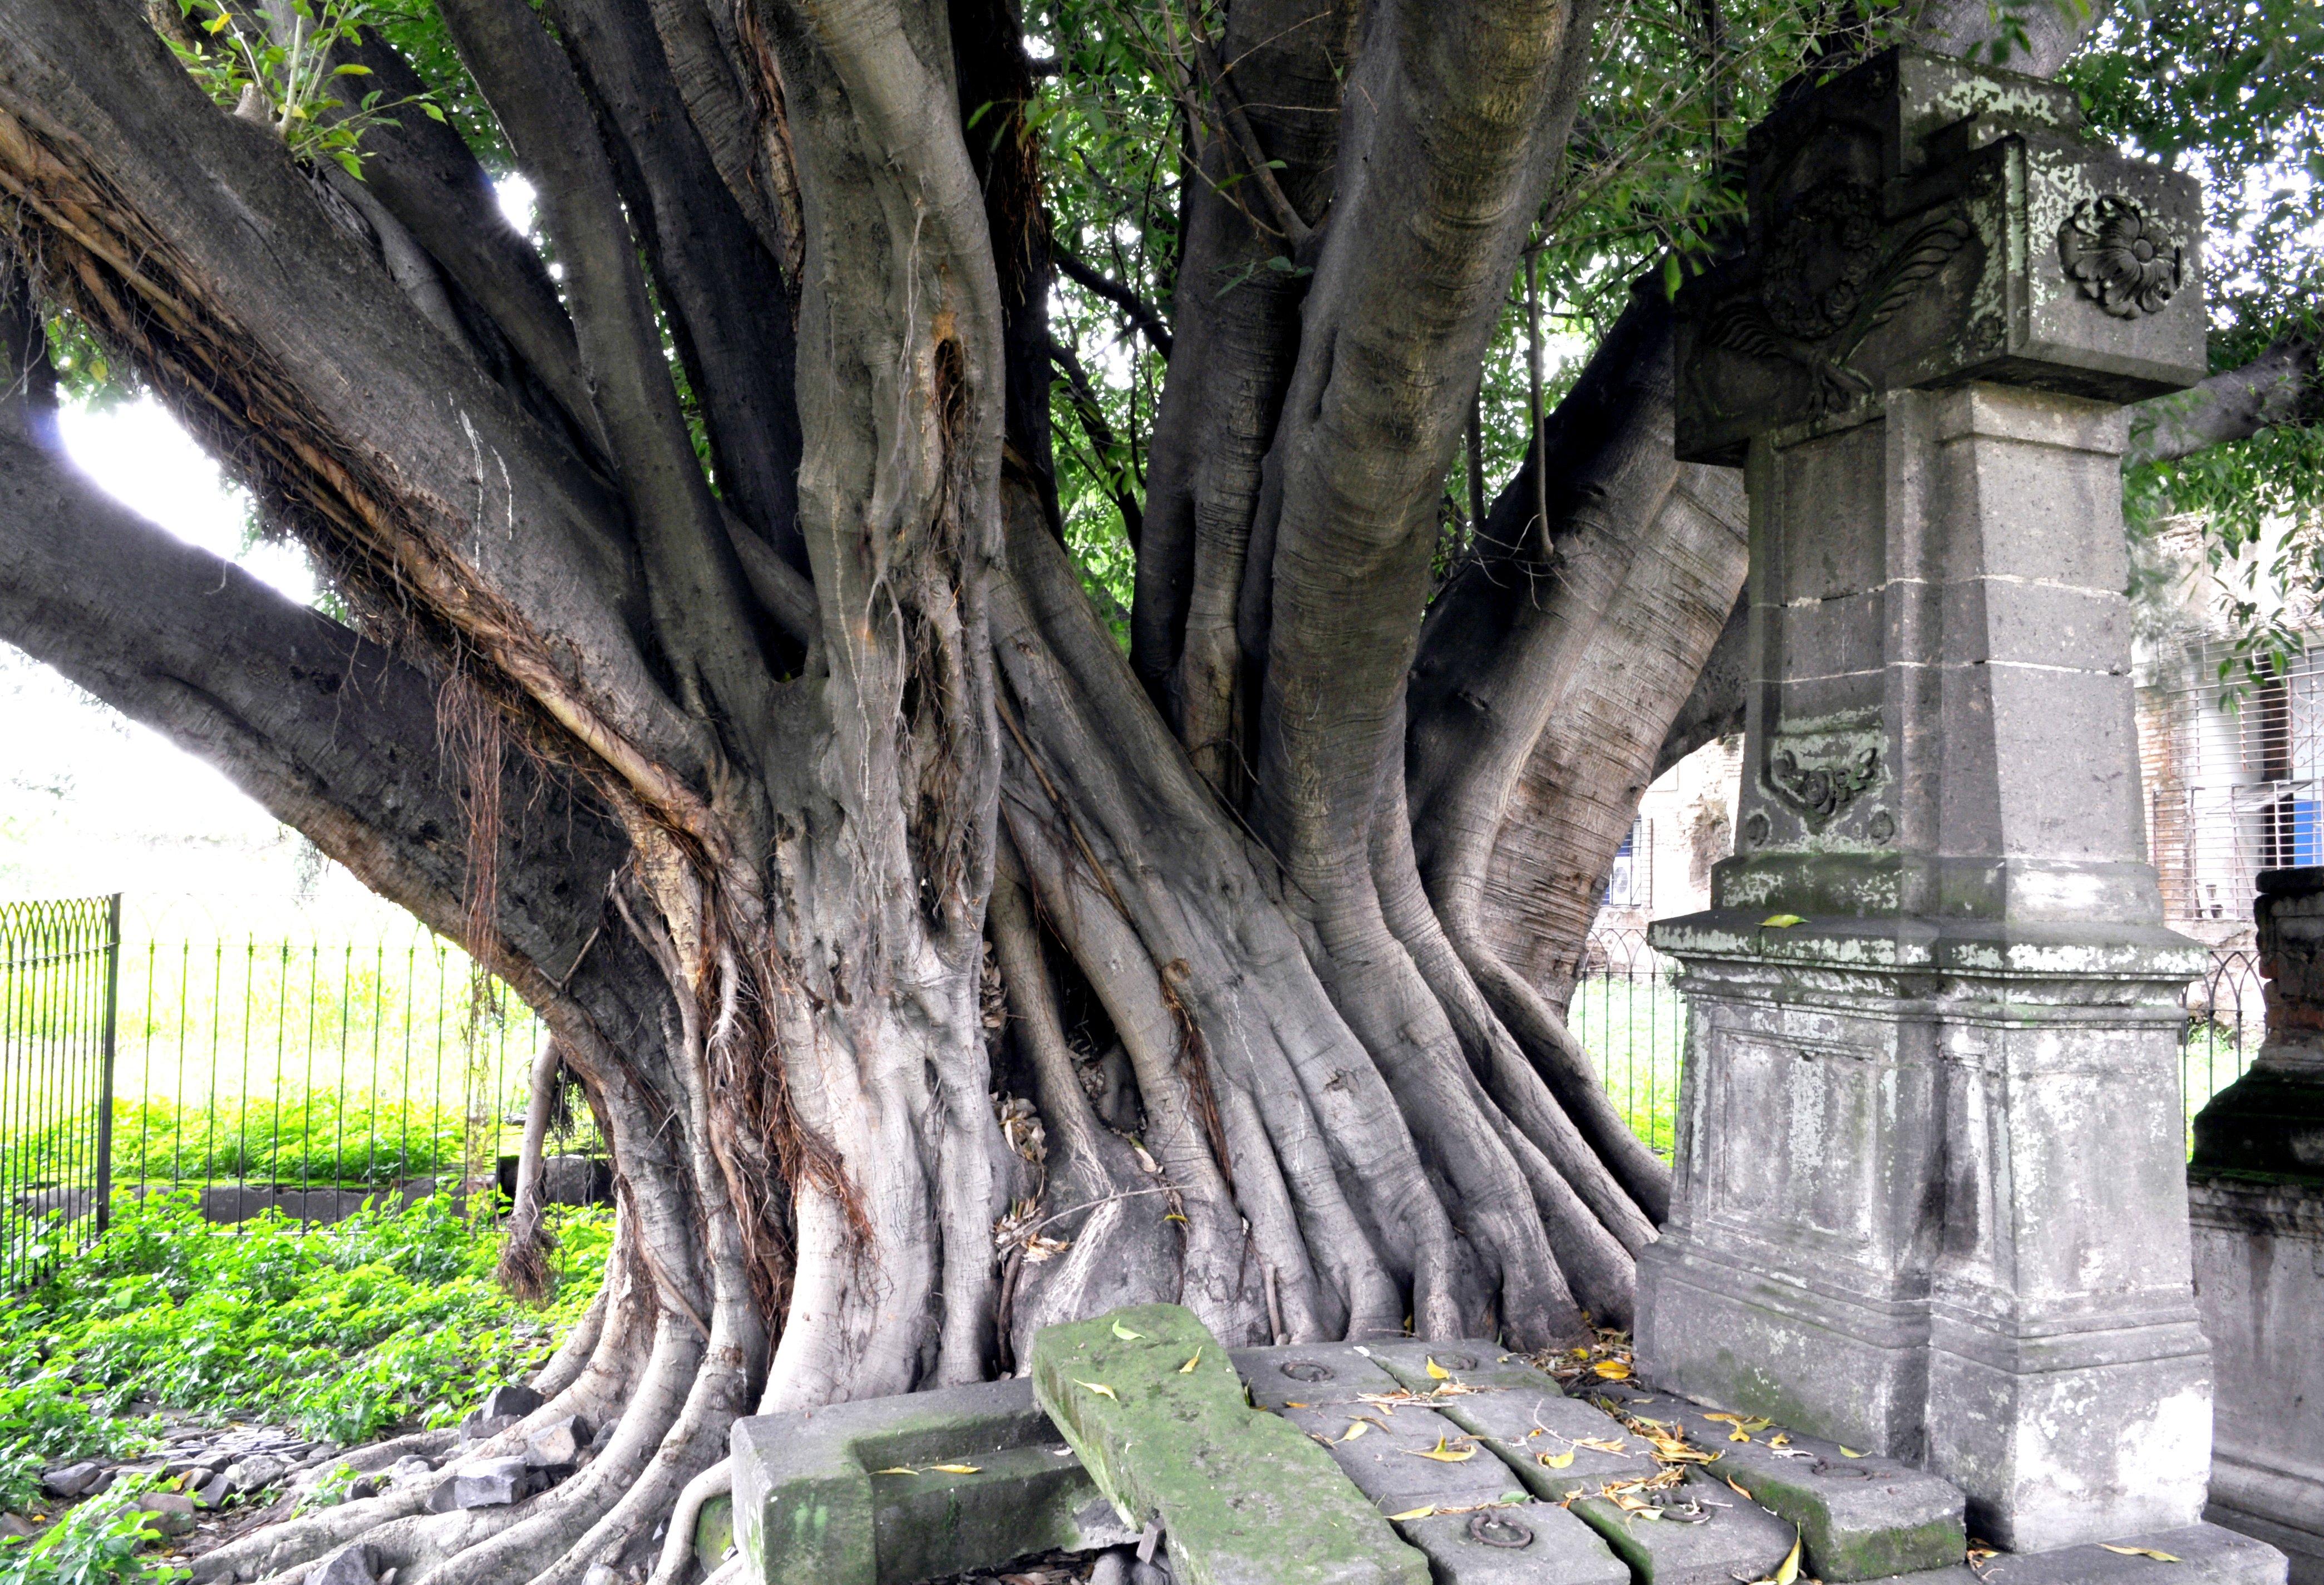 Leyenda del Árbol del Vampiro en el Panteón de Belén